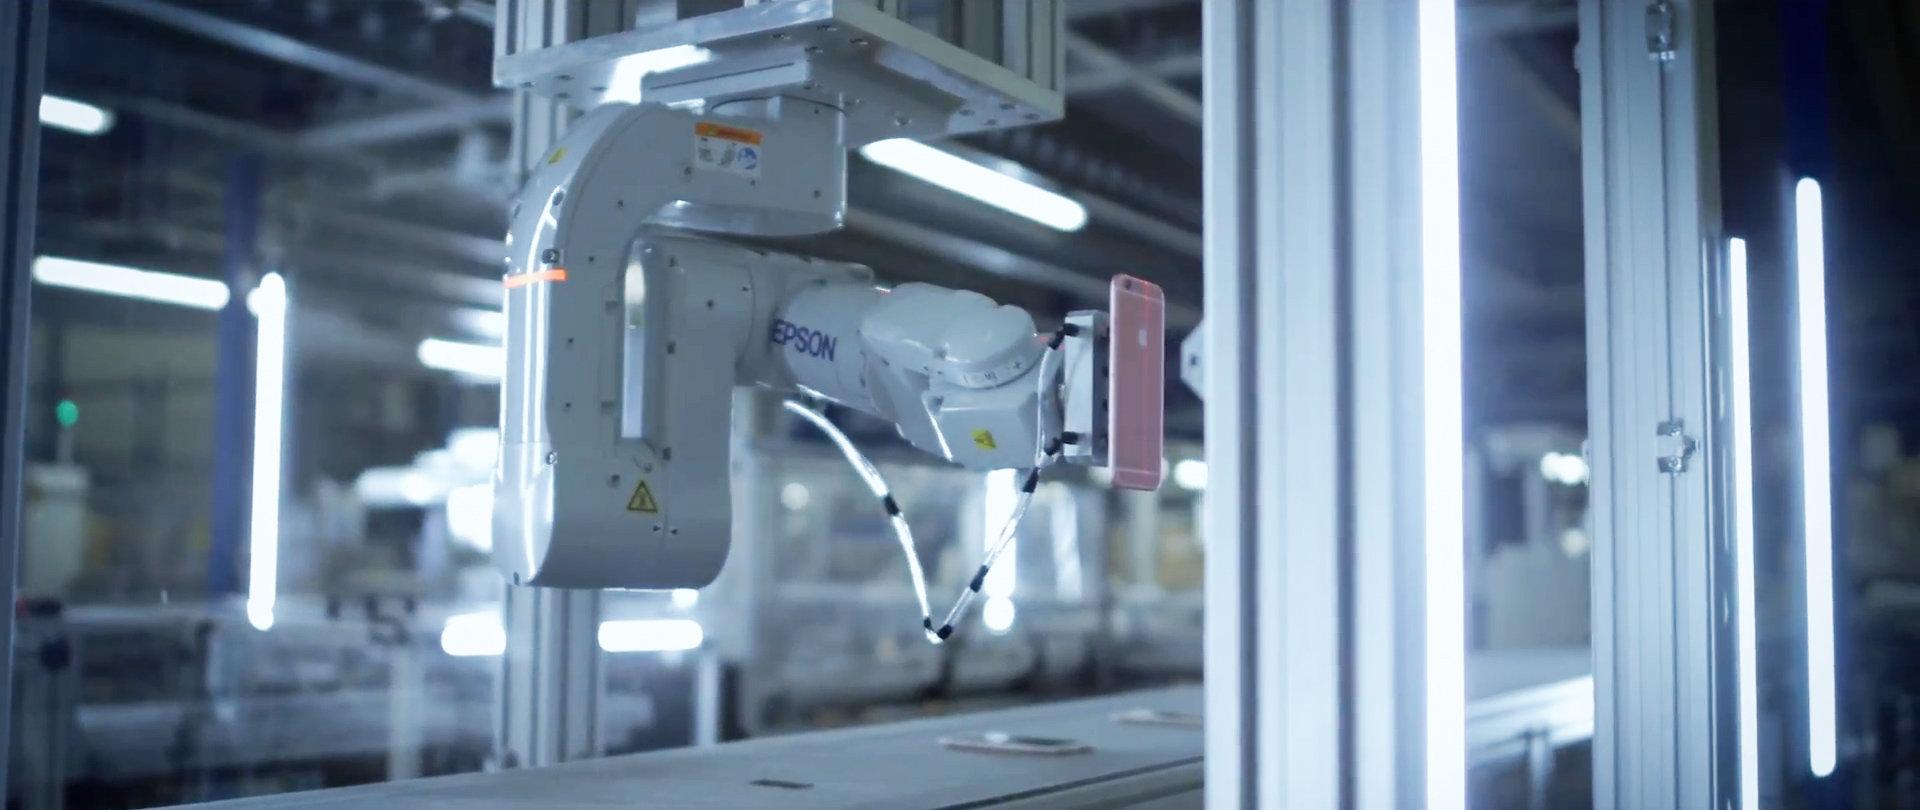 [Apple] CK MEDIATOR będzie dystrybuować odnawiane produkty Apple'a